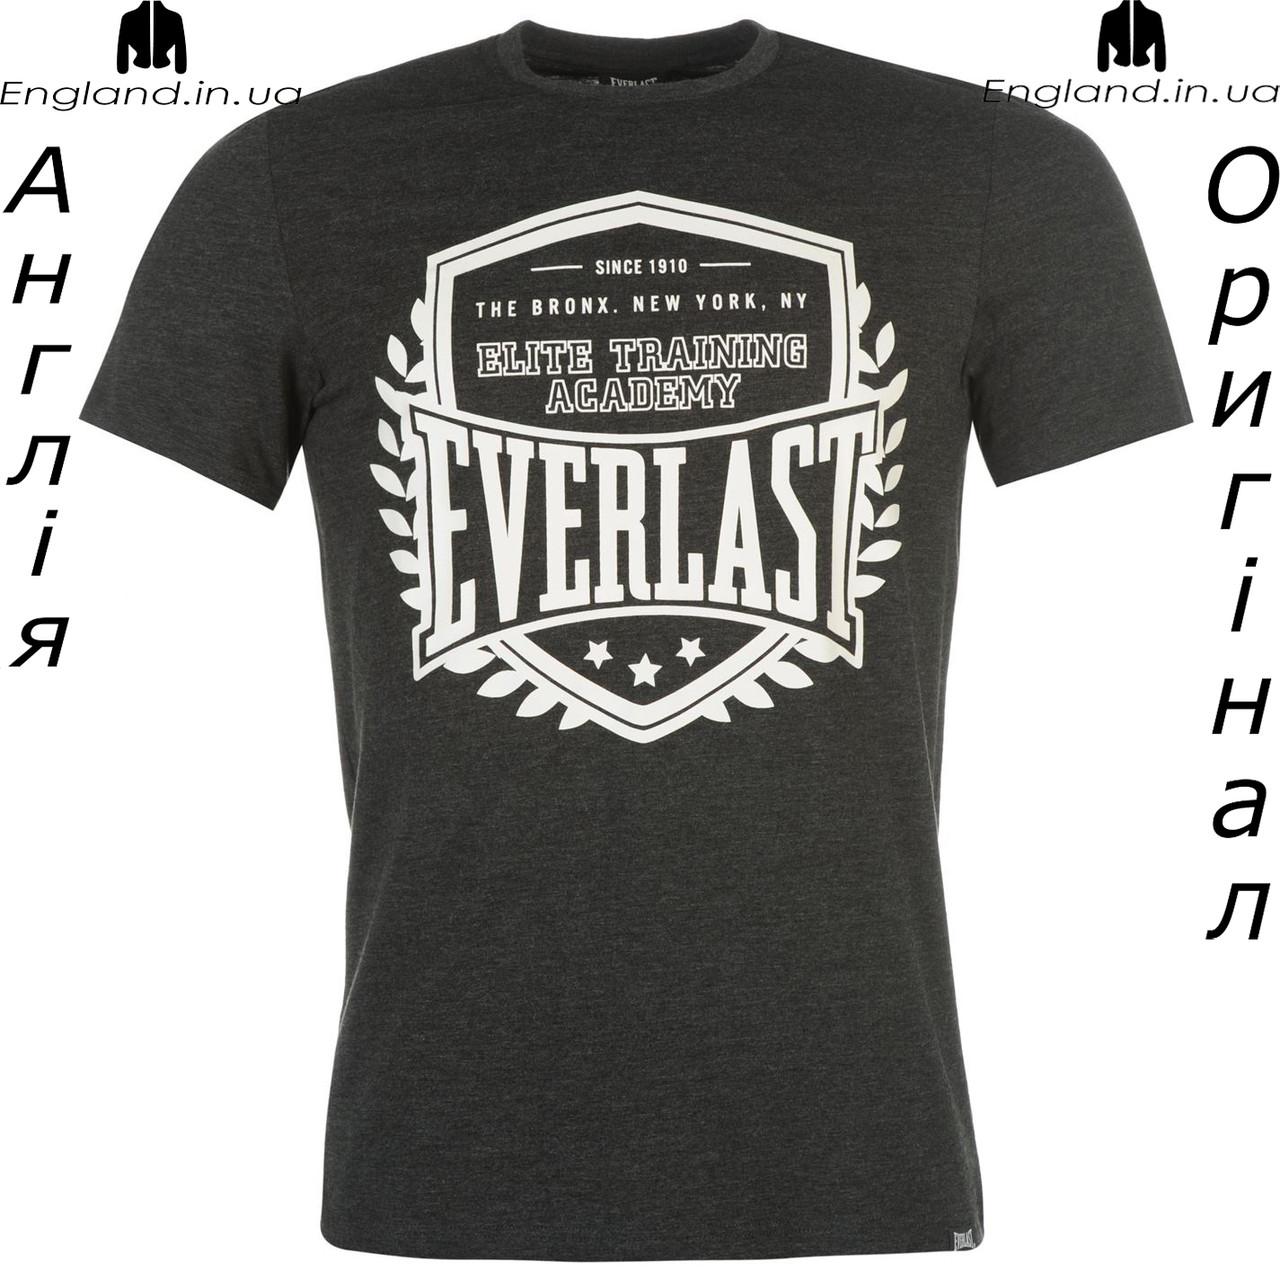 Футболка Everlast мужская коричневая для тренировок